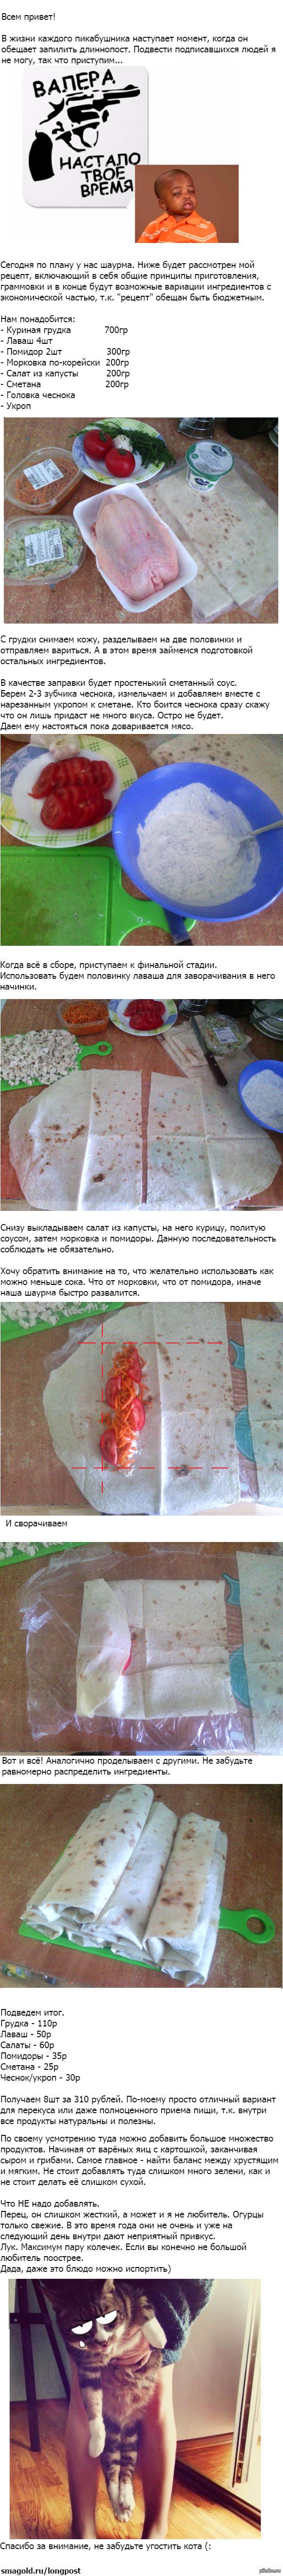 Рецепт шаурмы по просьбам подписавшихся (: Кот прилагается.